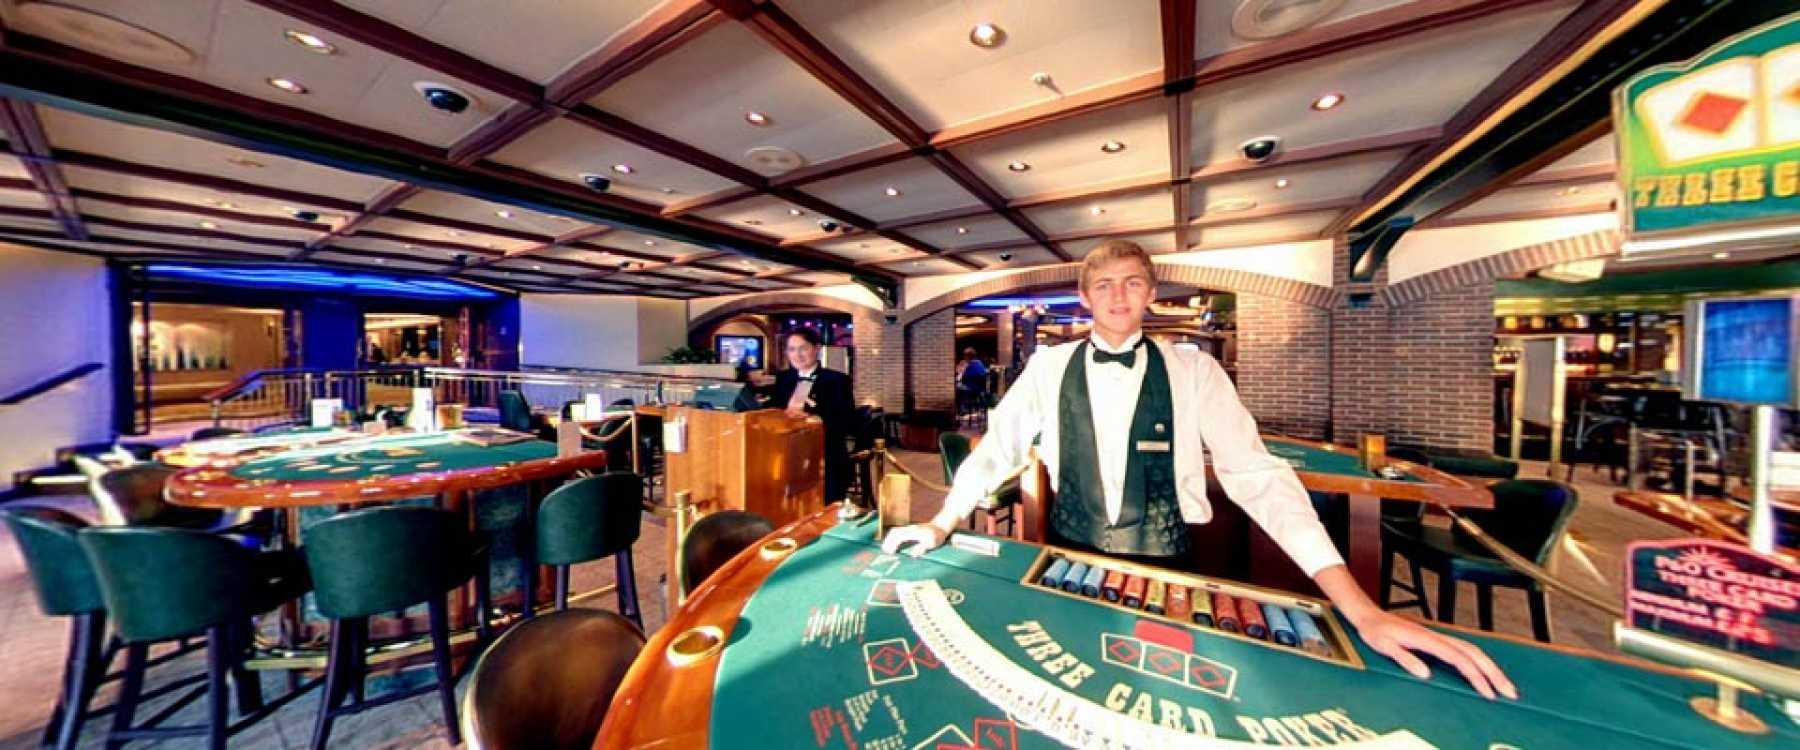 P&O Cruises Ventura Interior Casino Fortunes 1.jpg